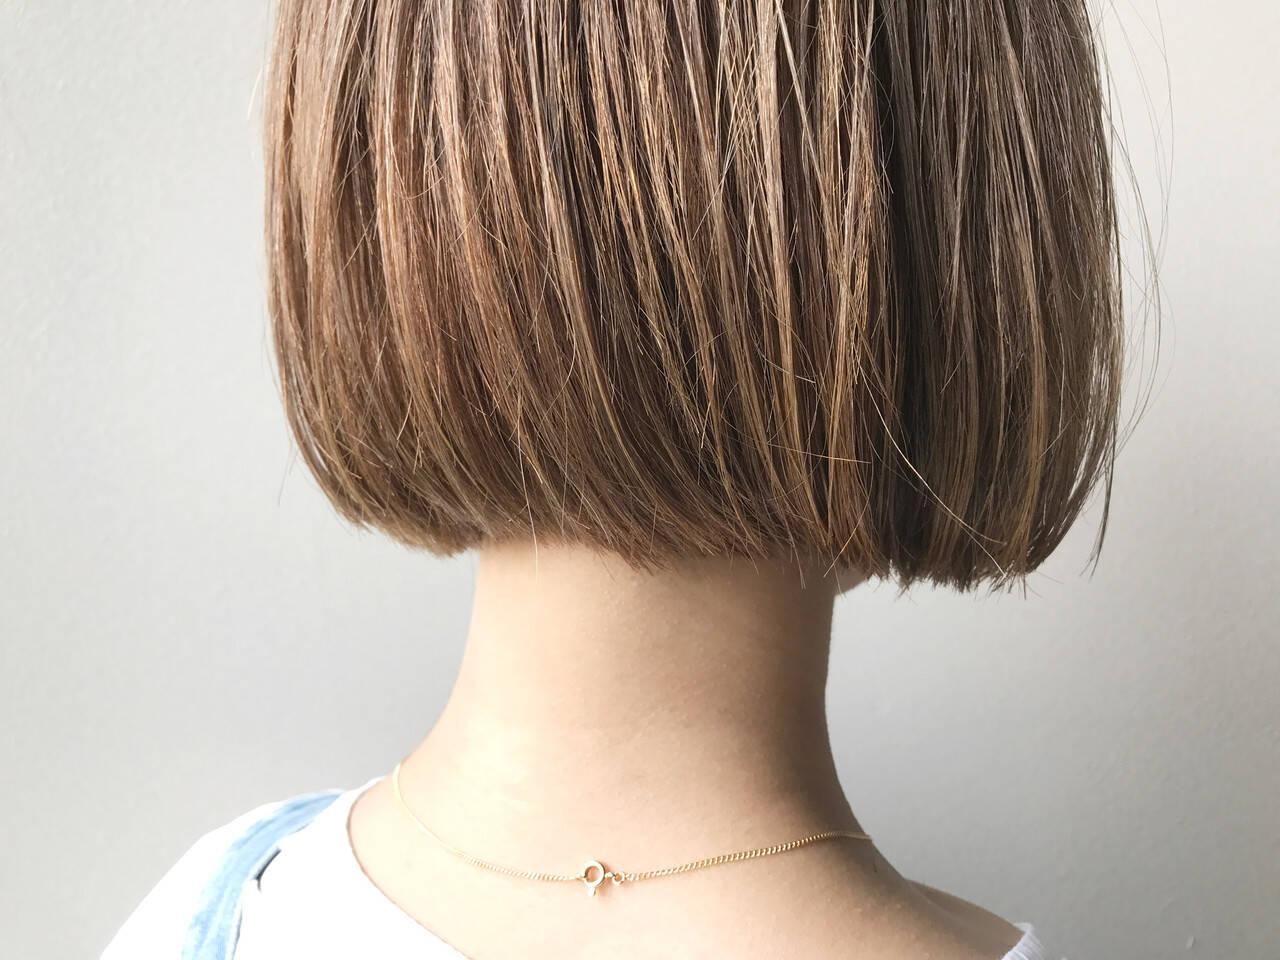 透明感カラー ナチュラル ボブ 透明感ヘアスタイルや髪型の写真・画像